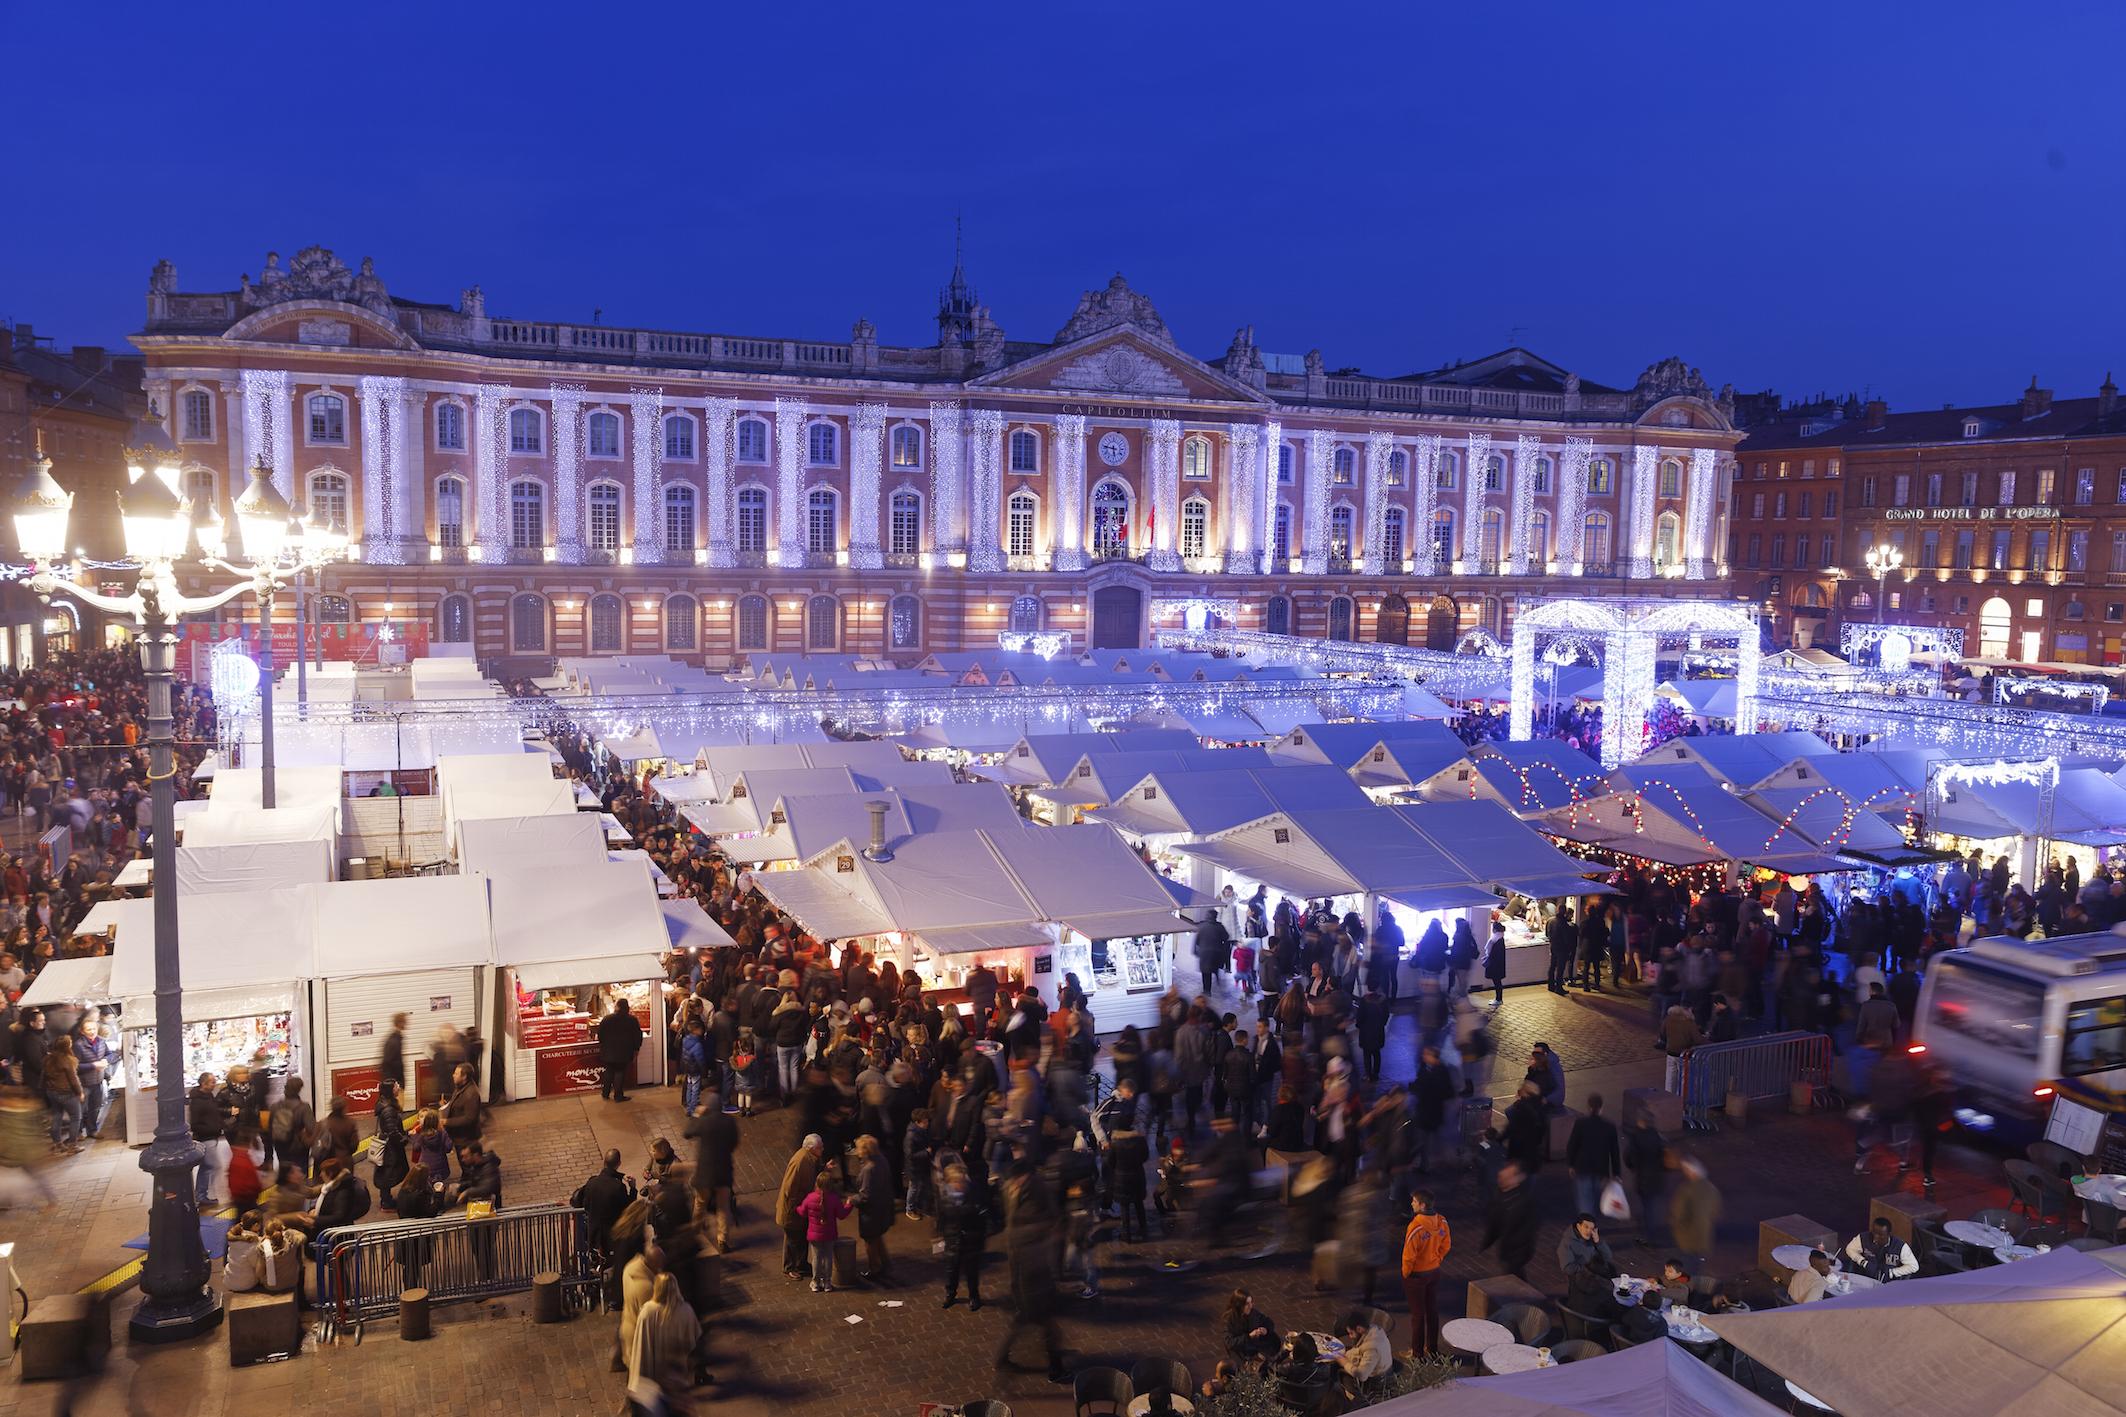 marché noel toulouse 2018 date Noël : quel coût pour la mairie de Toulouse ? marché noel toulouse 2018 date